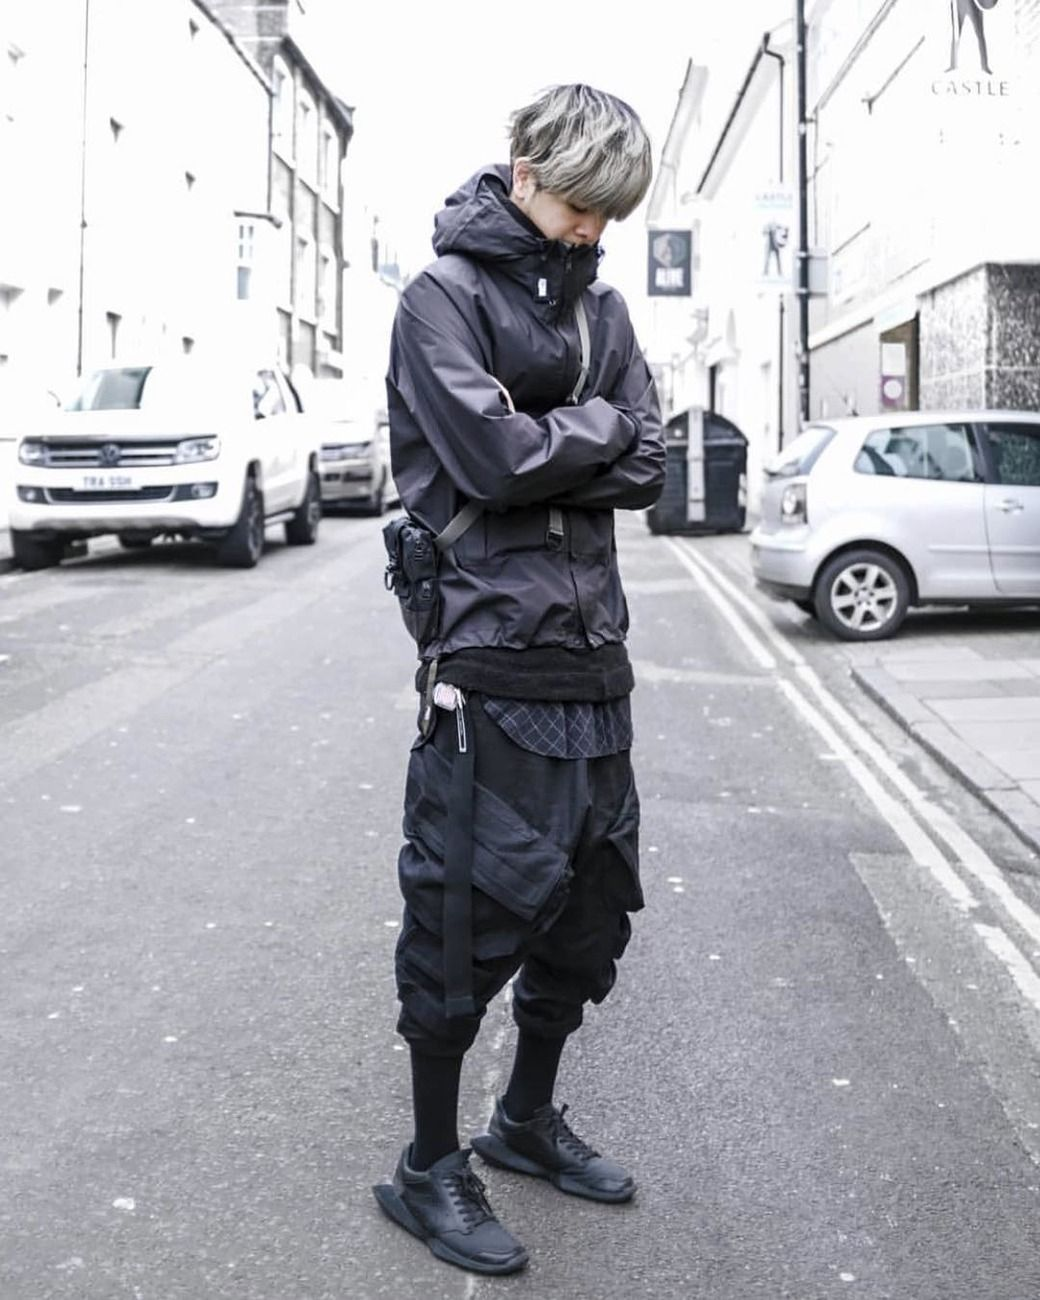 Jay El GoCrow Futuristic fashion, Urban fashion, Fashion